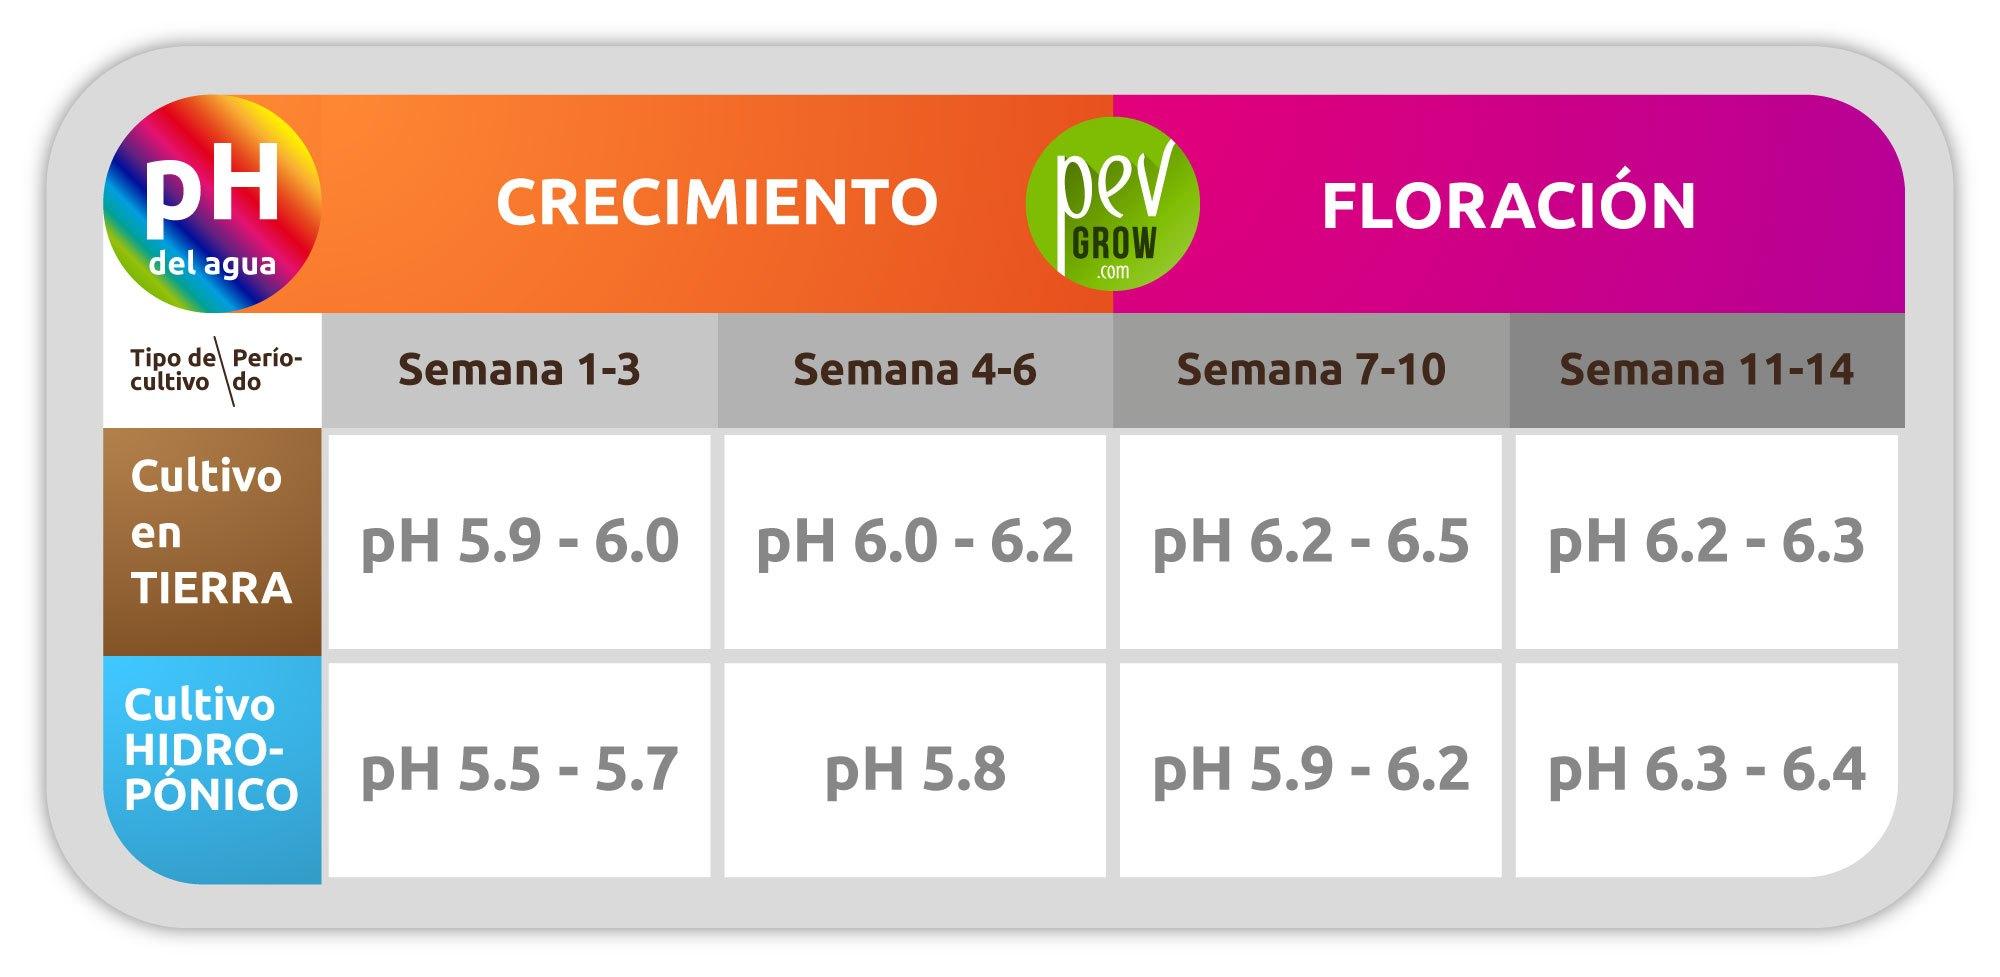 Medidas recomendadas del pH del agua en función del tipo de cultivo